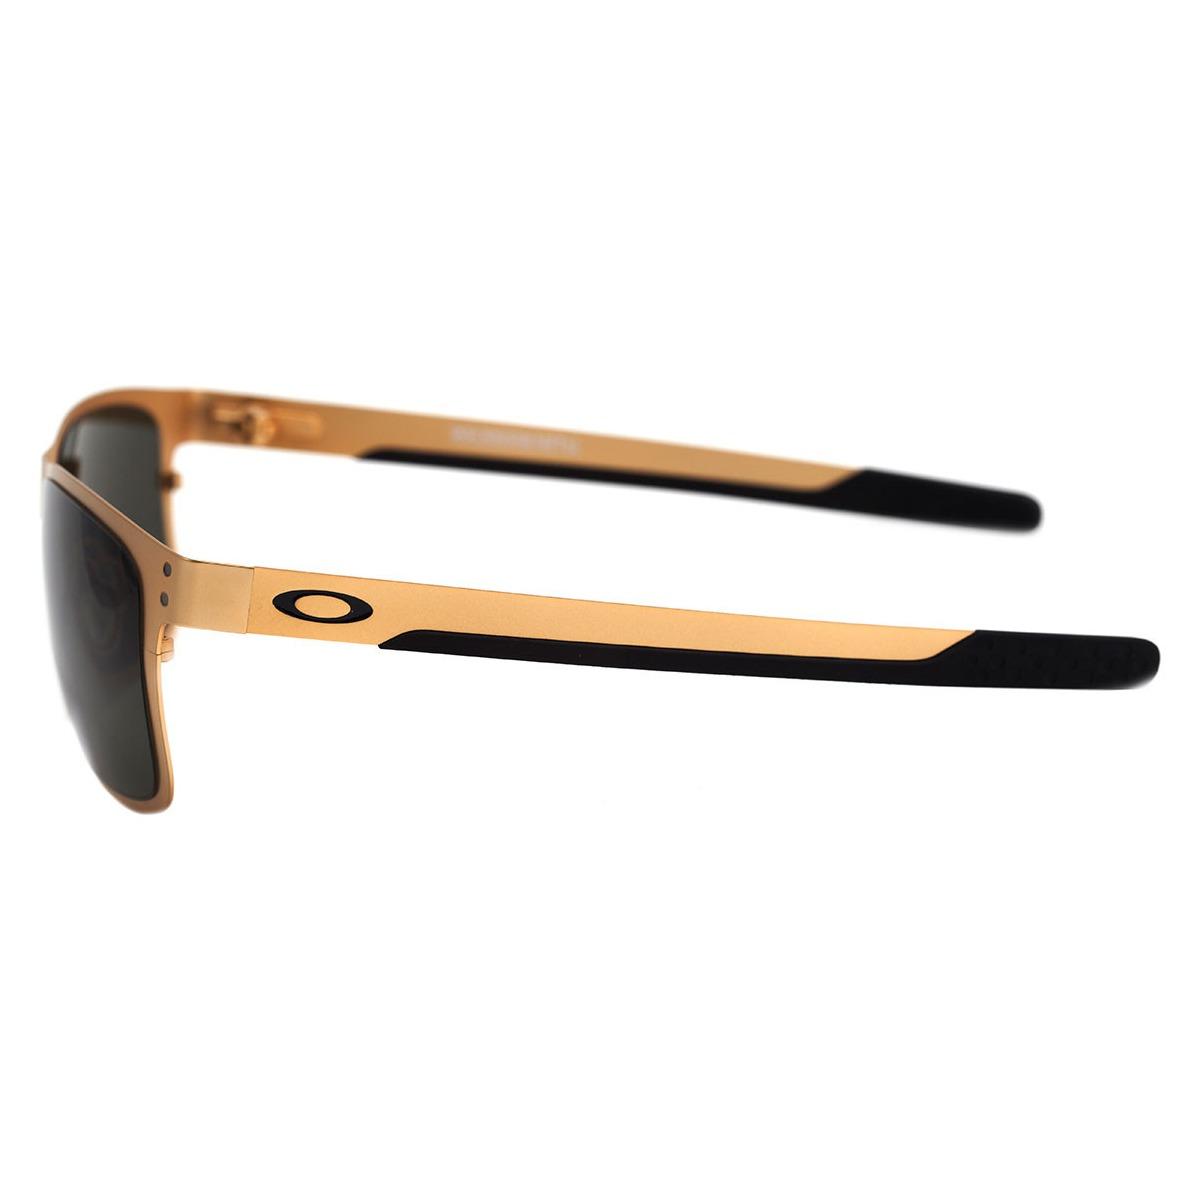 4d04faff03152 Carregando zoom... oakley holbrook óculos. Carregando zoom... óculos oakley  holbrook metal satin gold  lente dark grey